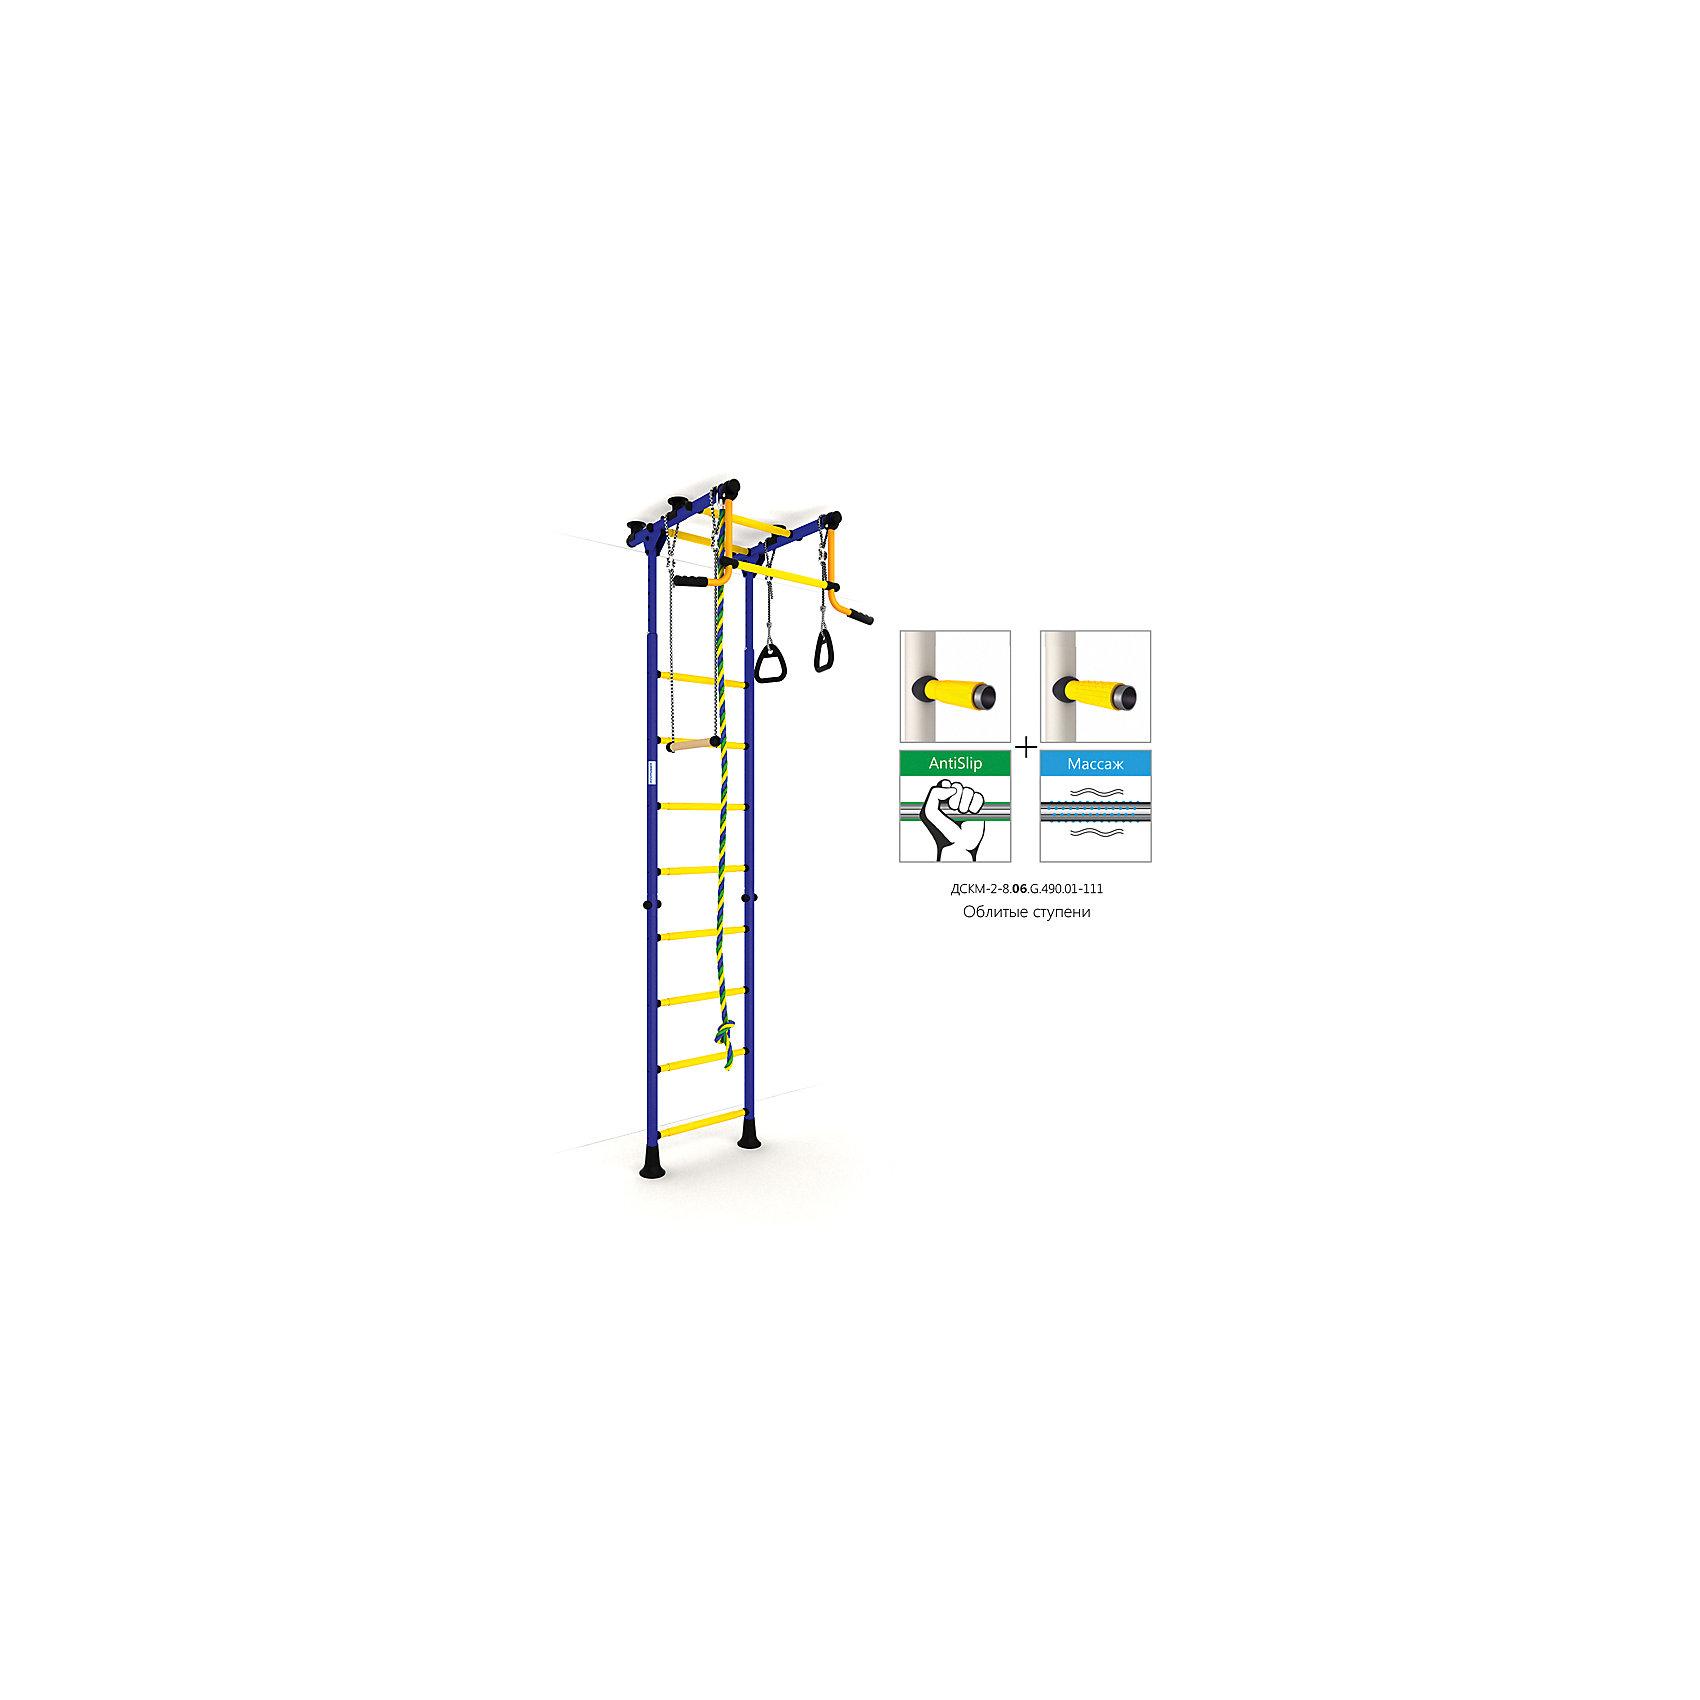 Шведская лестница Комета-2, синий-желтыйШведские стенки<br>Шведская стенка с креплениями в распор (между полом и потолком) - одна из самых популярных моделей. Благодаря креплению, не требующему сверления поверхностей, домашний спортивный комплекс быстро устанавливается и позволяет легко менять место установки в комнате. В комплекте: лестница гимнастическая, турник неподвижный, кольца гимнастические, трапеция, канат.<br><br>Ширина мм: 1160<br>Глубина мм: 535<br>Высота мм: 140<br>Вес г: 18000<br>Возраст от месяцев: 36<br>Возраст до месяцев: 192<br>Пол: Унисекс<br>Возраст: Детский<br>SKU: 5251537